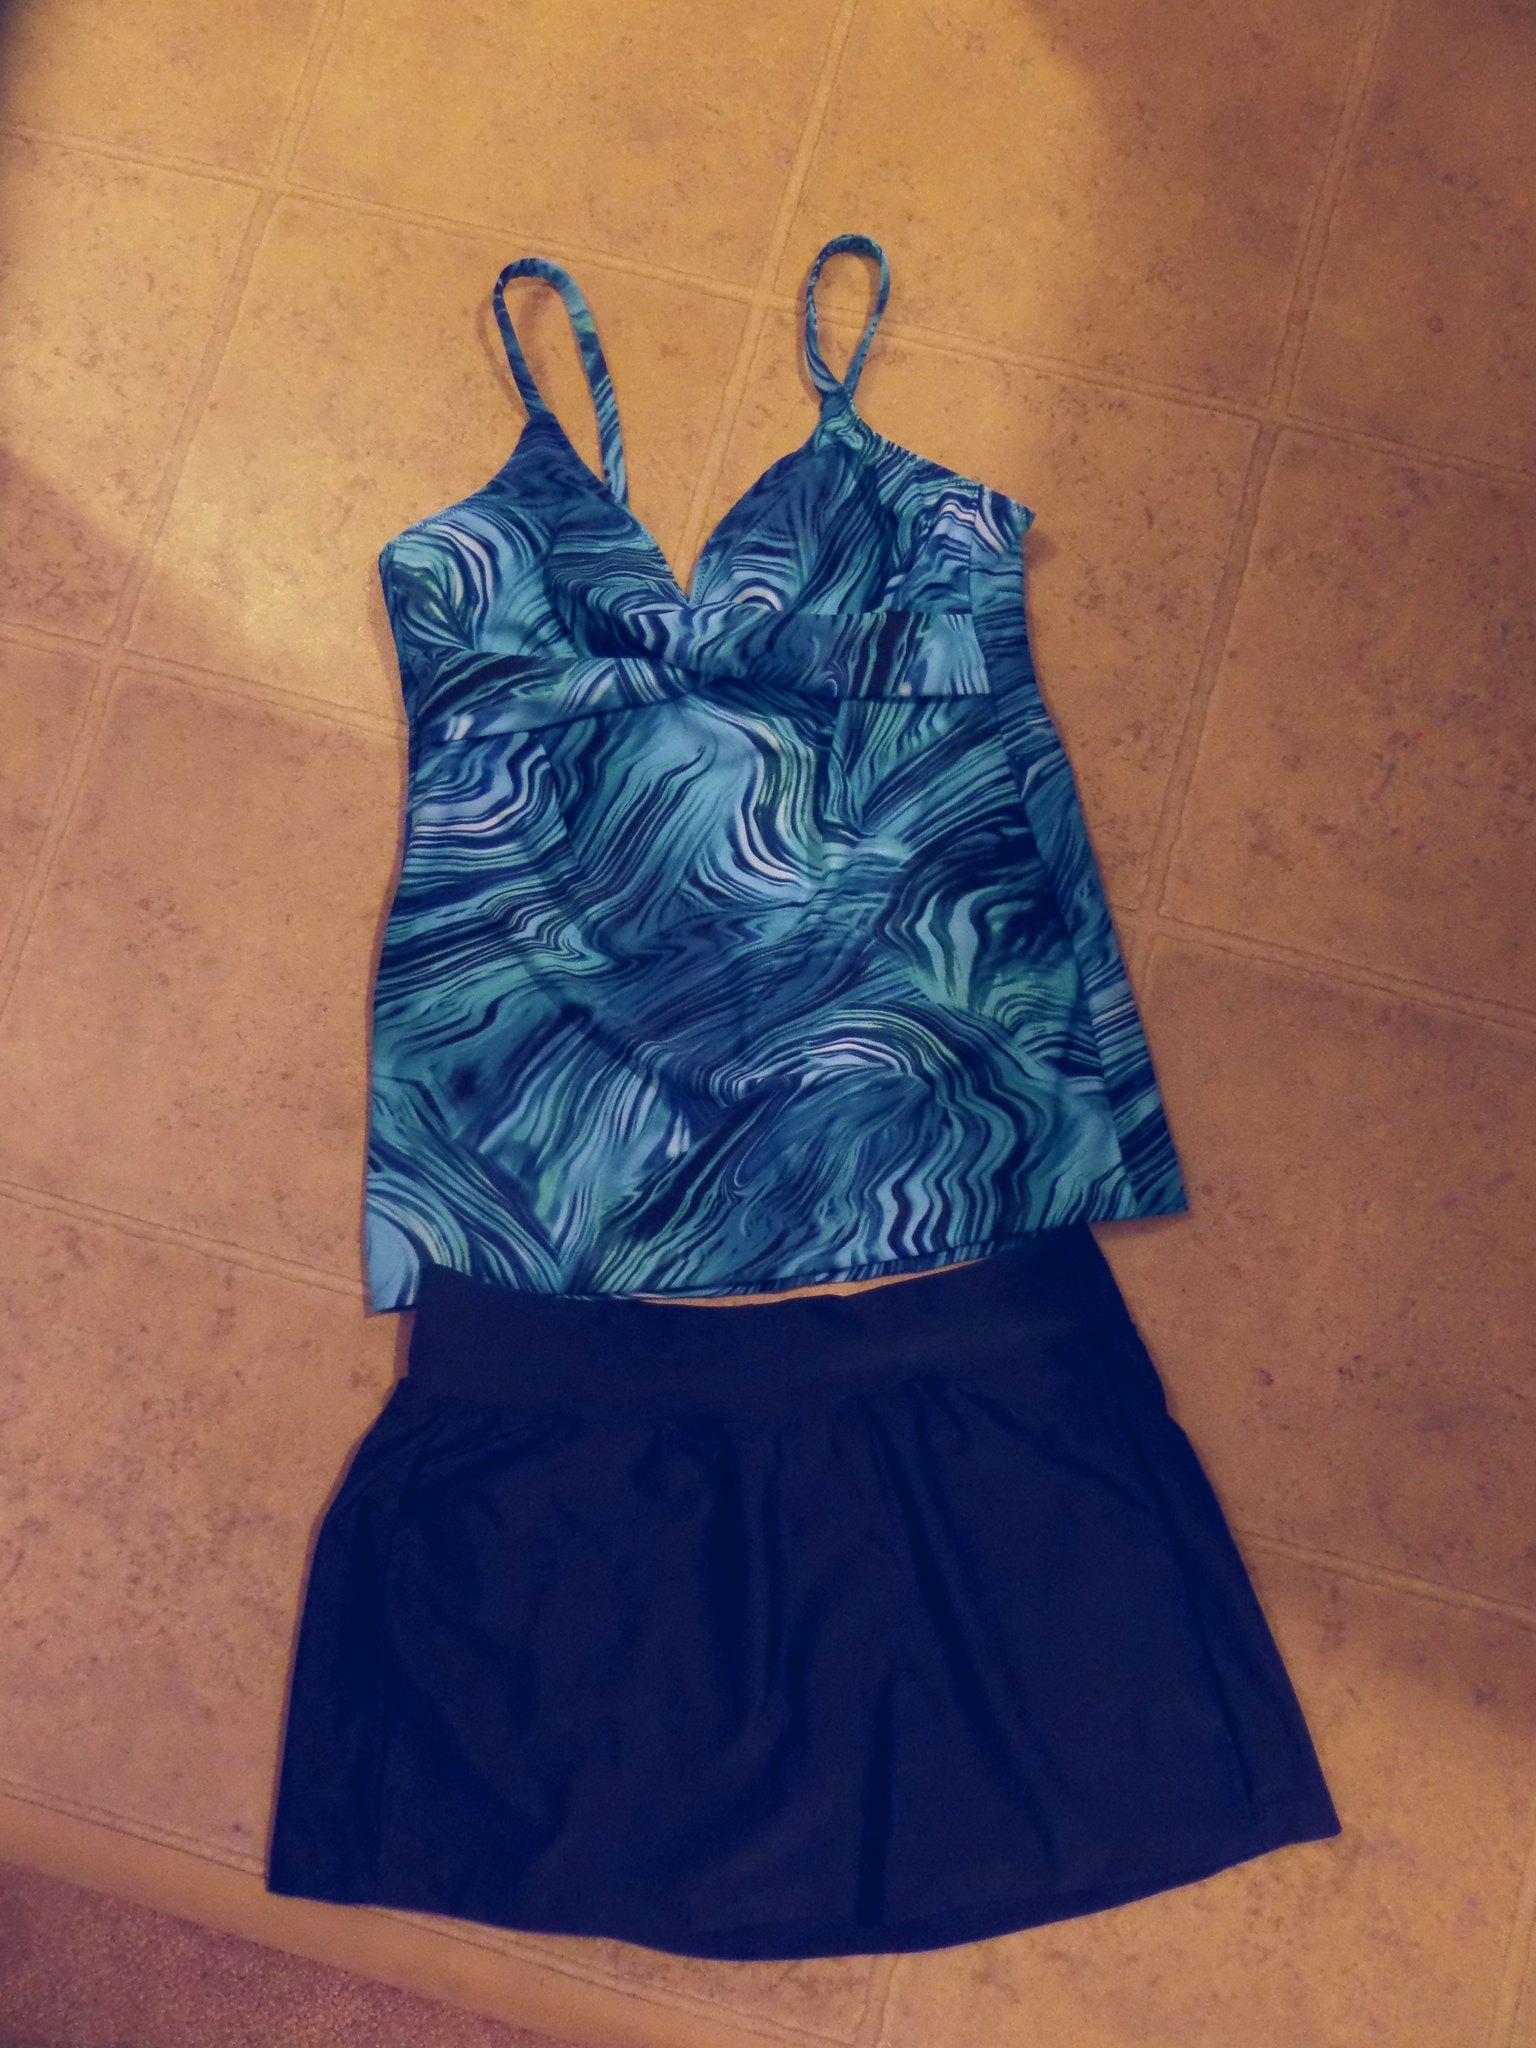 jalie bathing suit flat